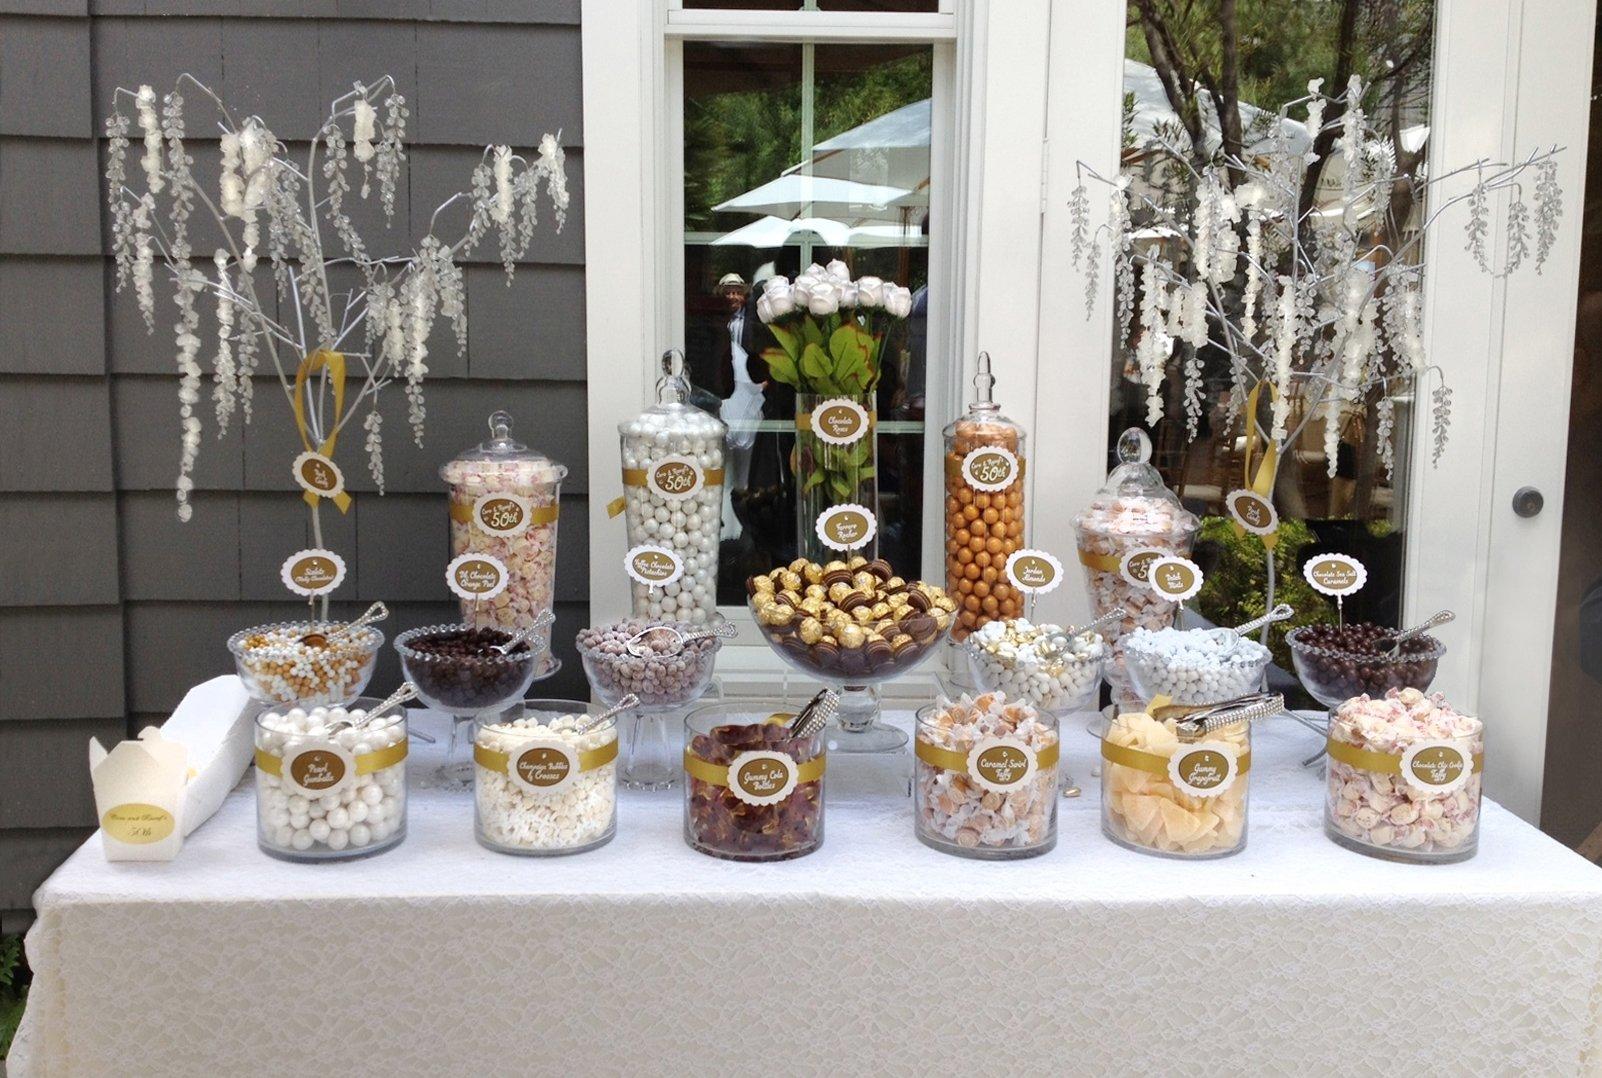 10 Pretty 50Th Wedding Anniversary Party Ideas 50th wedding anniversary party ideas food low budget 50th wedding 2 2021